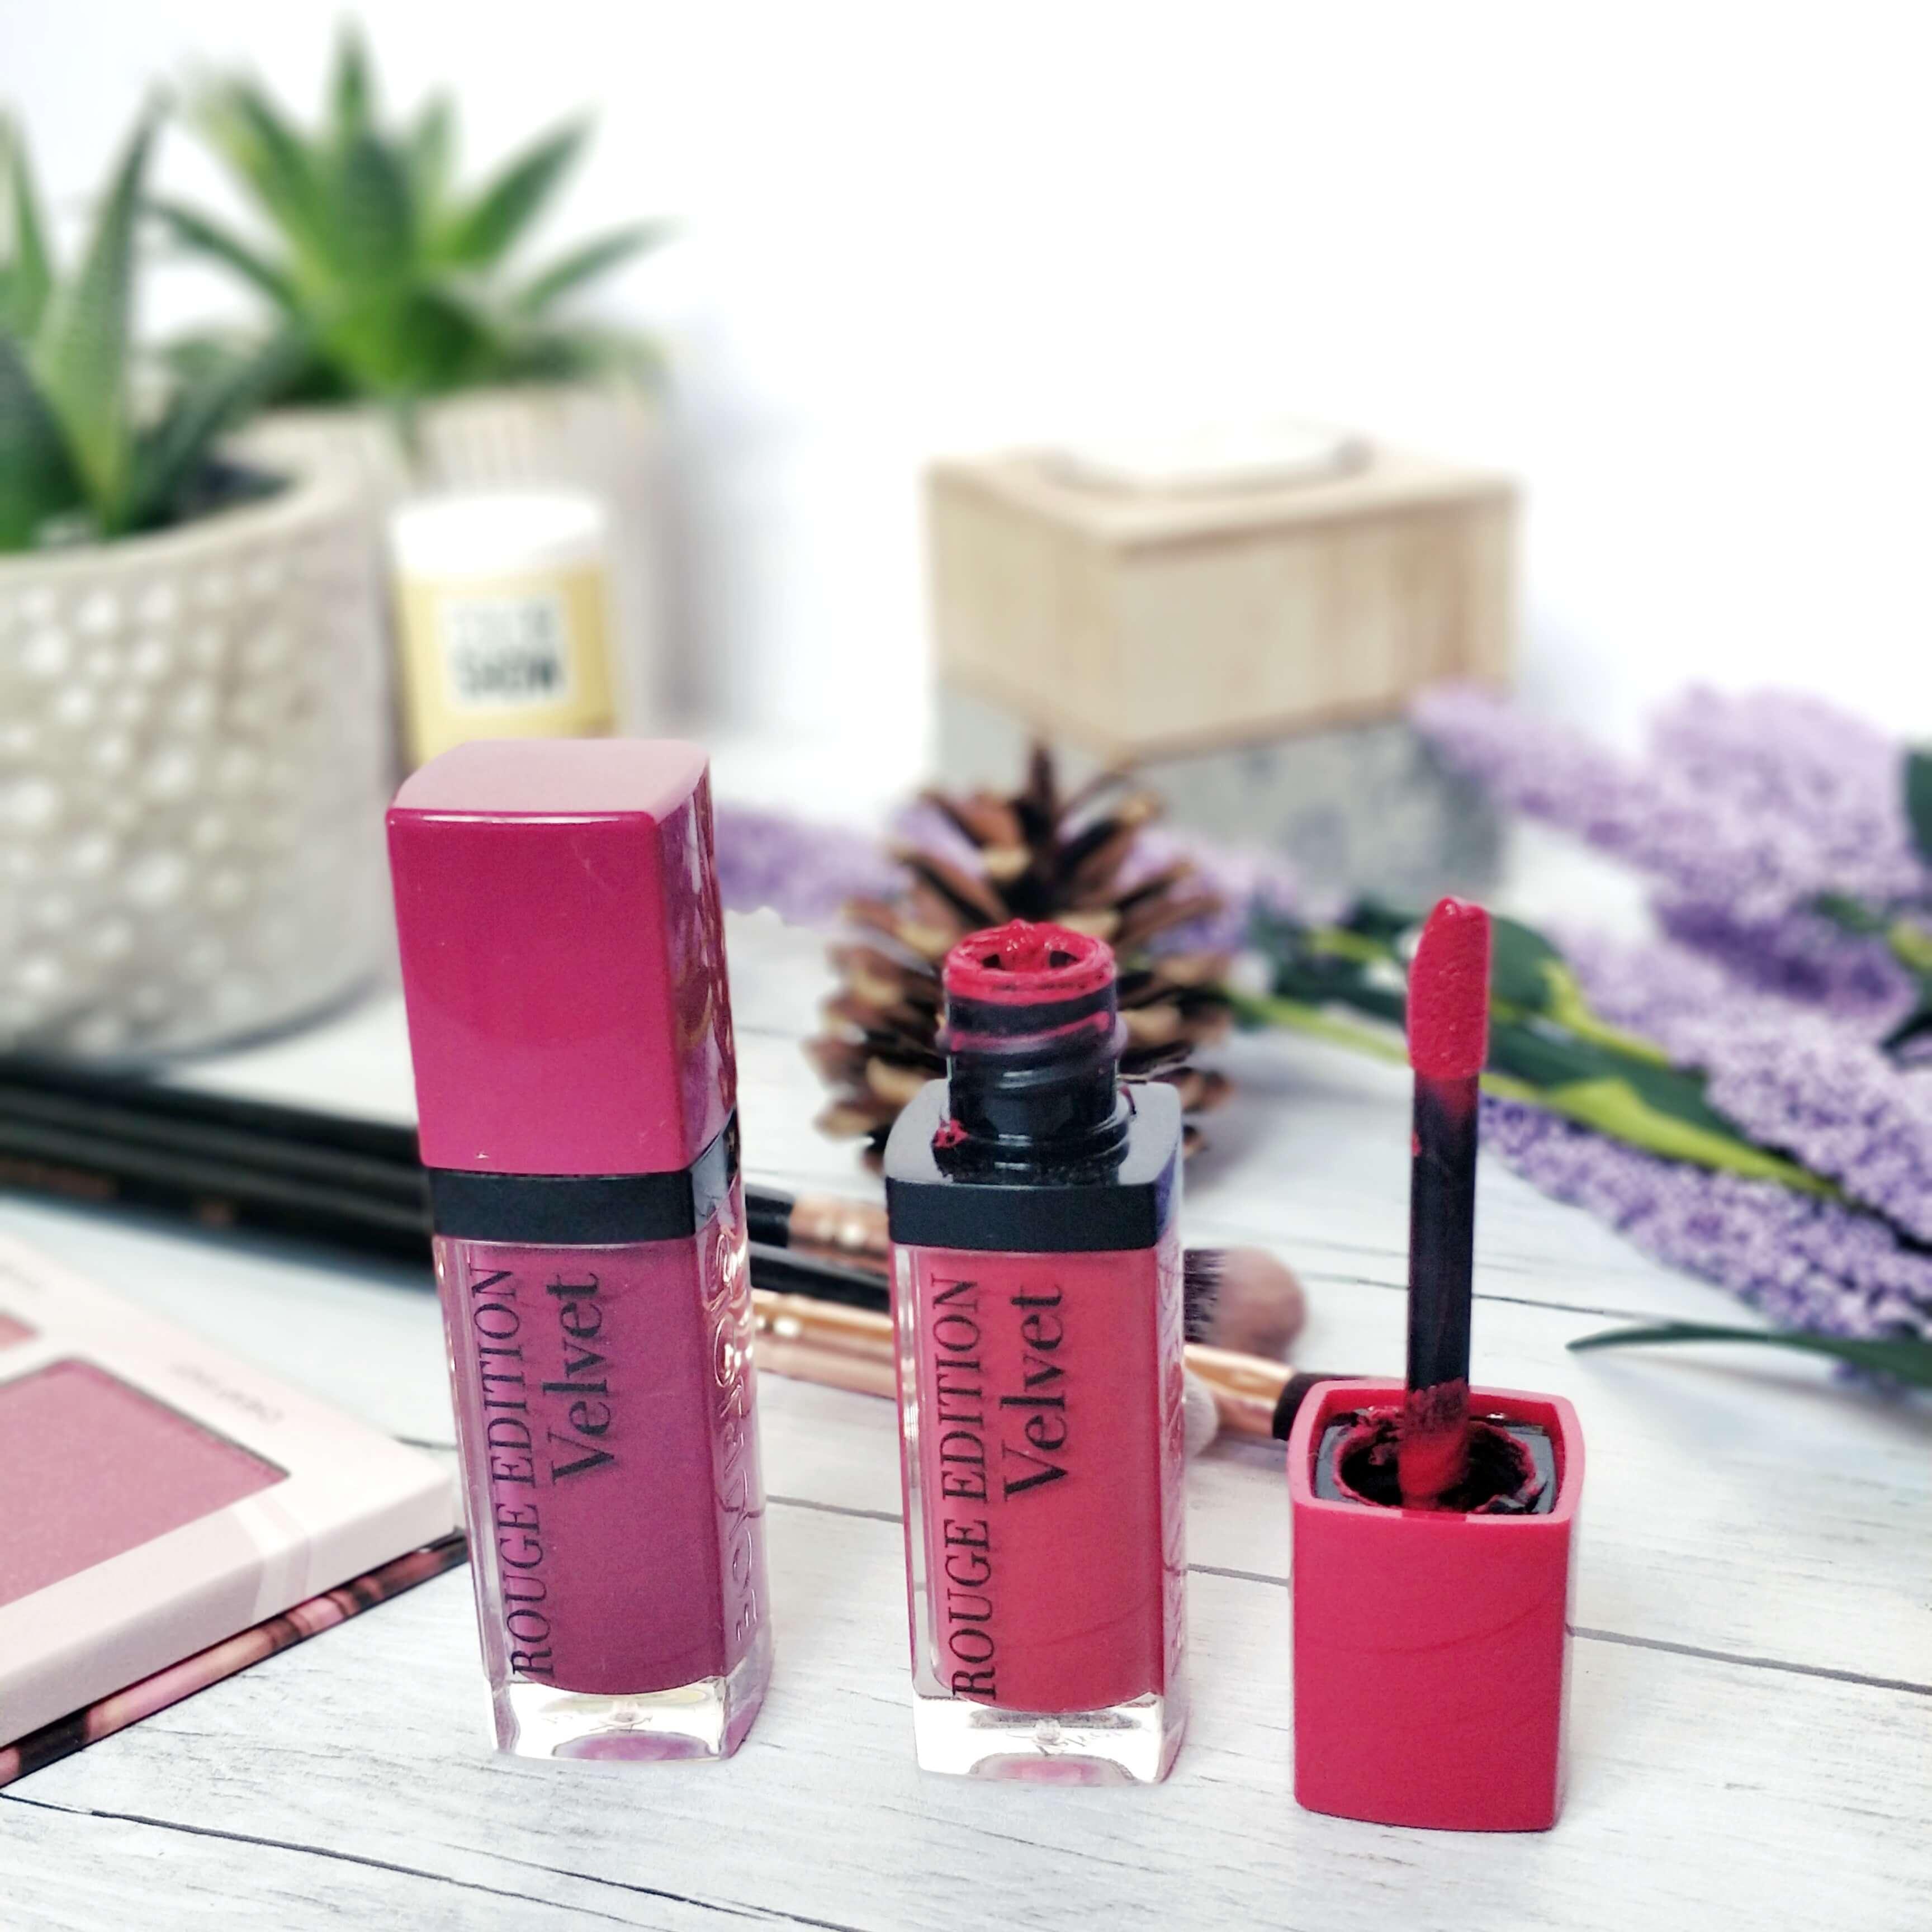 rouge à lèvres velvet bourjois - Je teste une quarantaine de rouges à lèvres liquides !